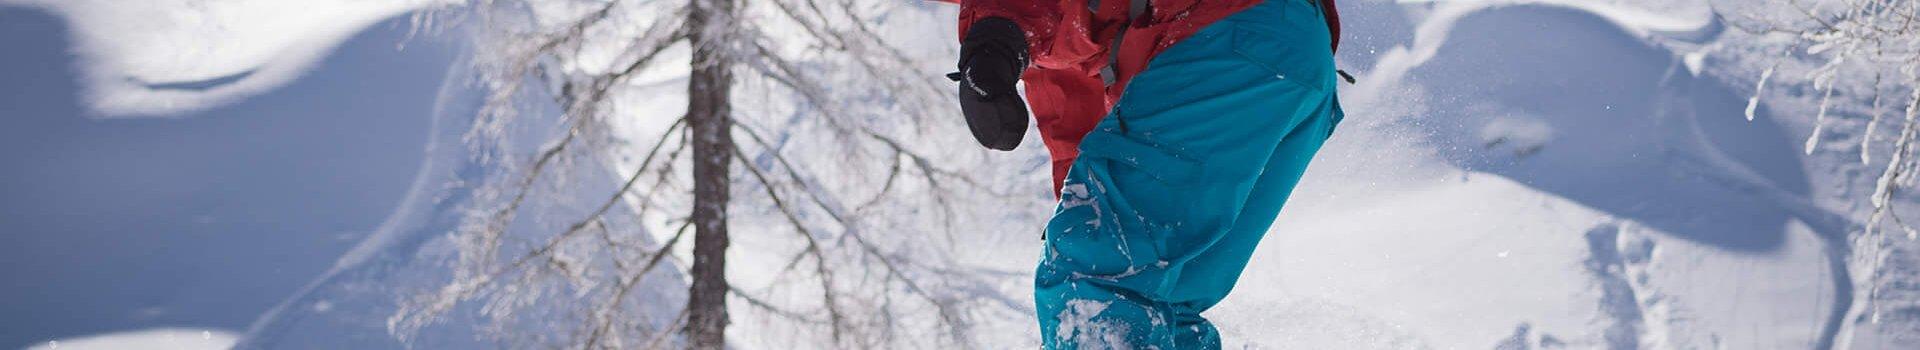 Kurtki snowboardowe – kompromis między wygodą a bezpieczeństwem